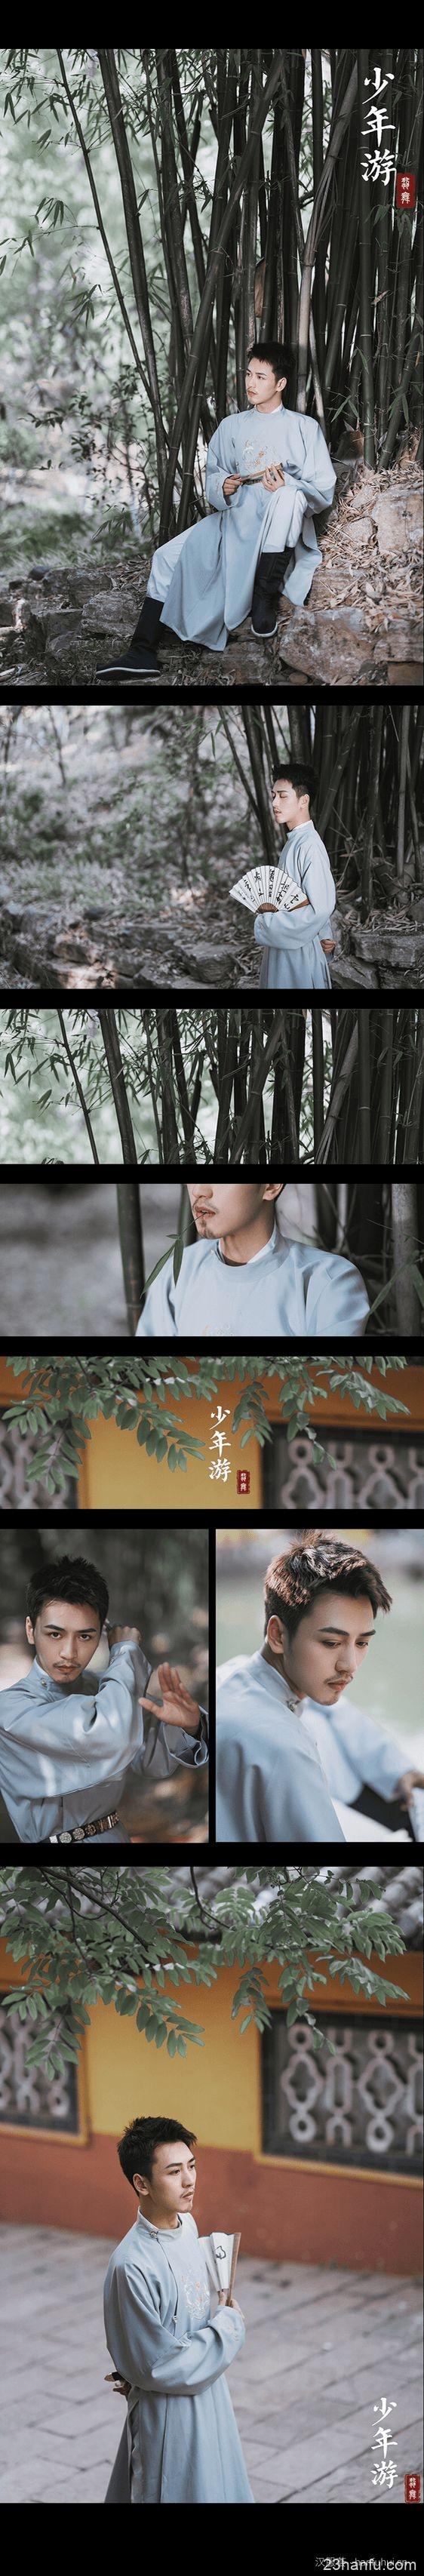 【汉服少年】咸阳游侠多少年